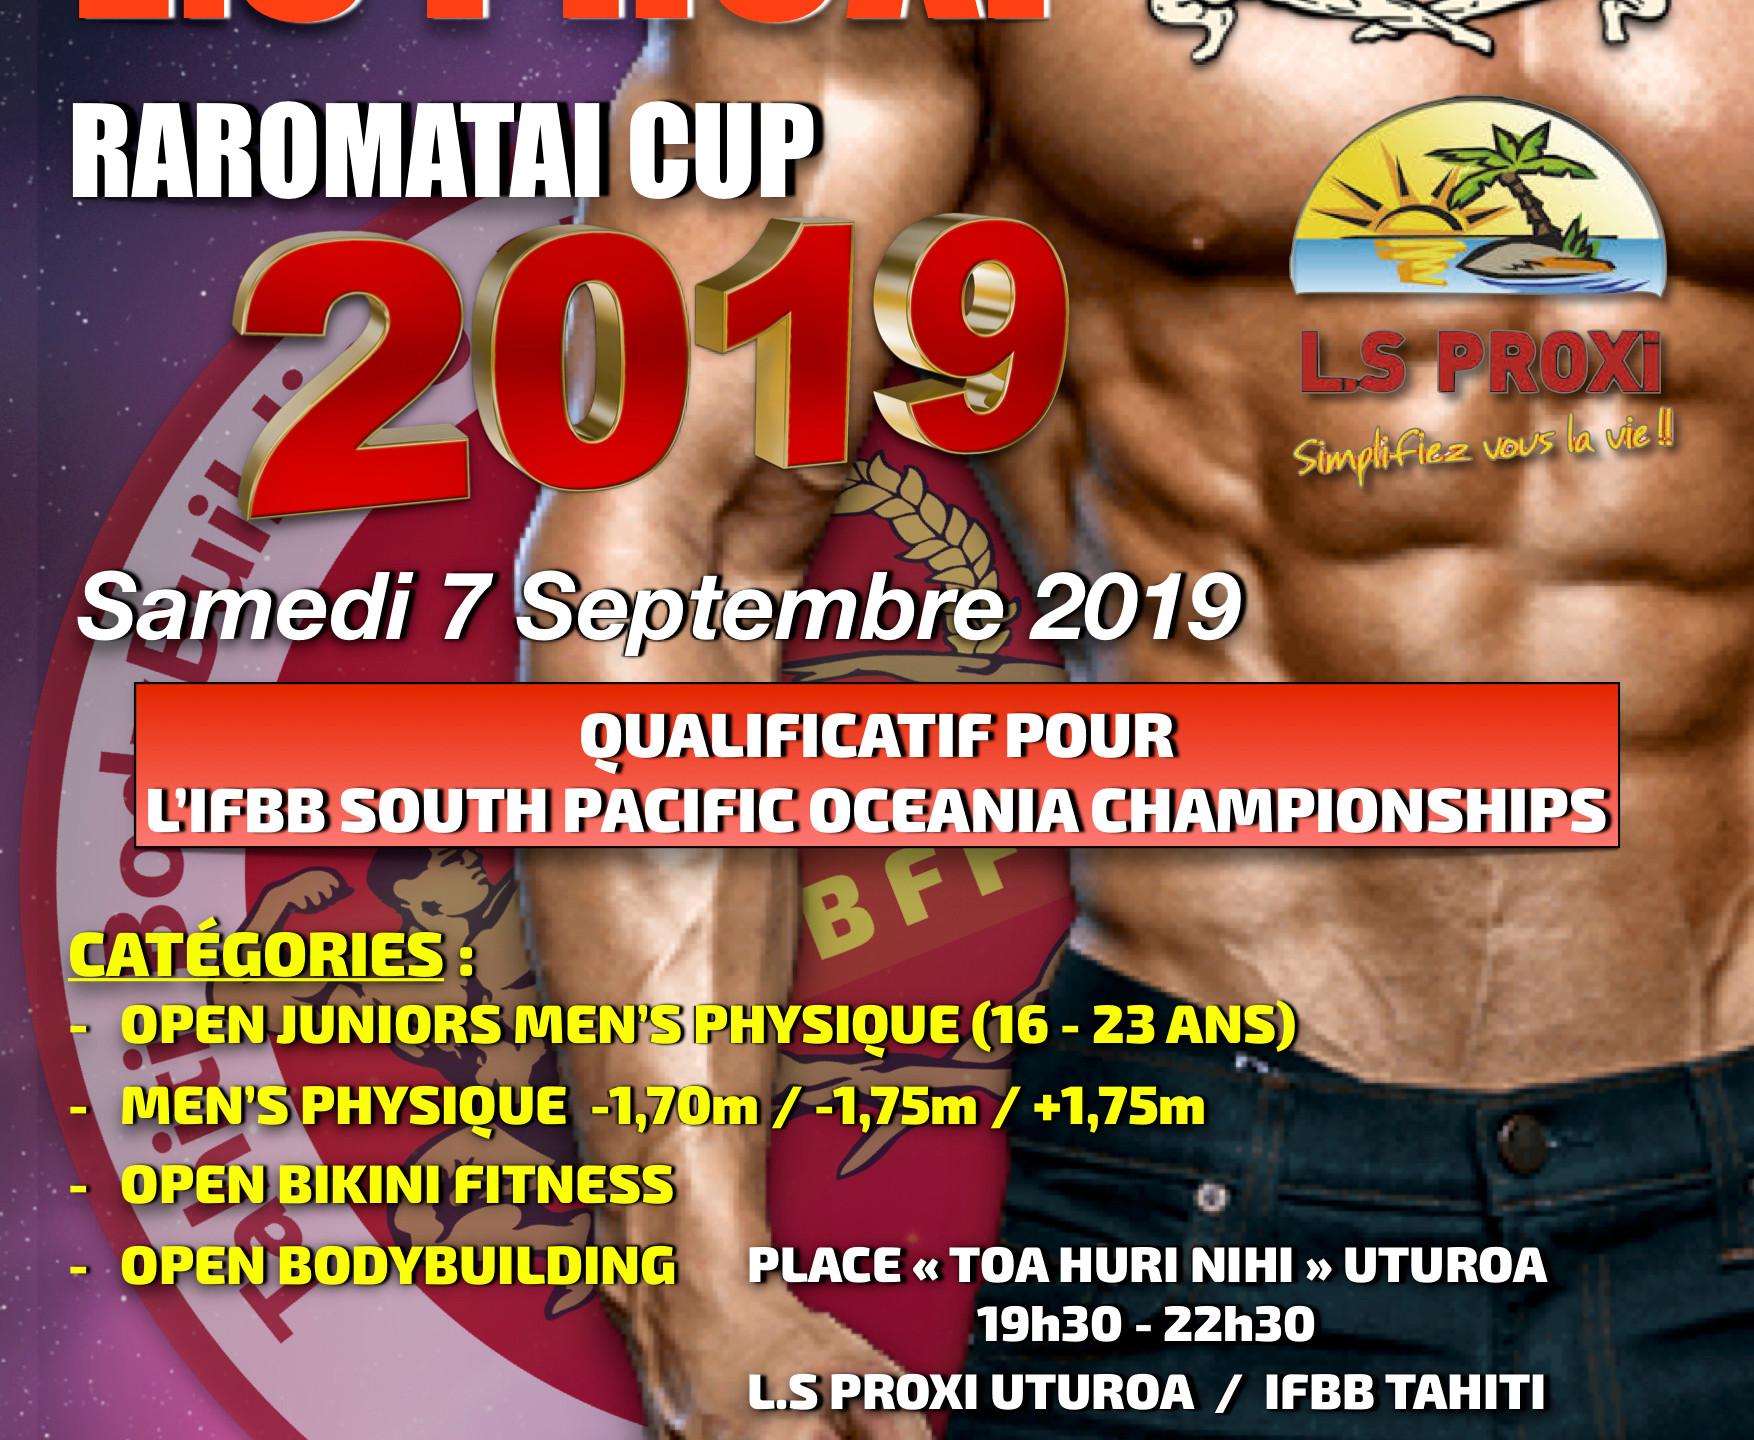 IFBB-L.S PROXI RAROMATAI CUP 2019